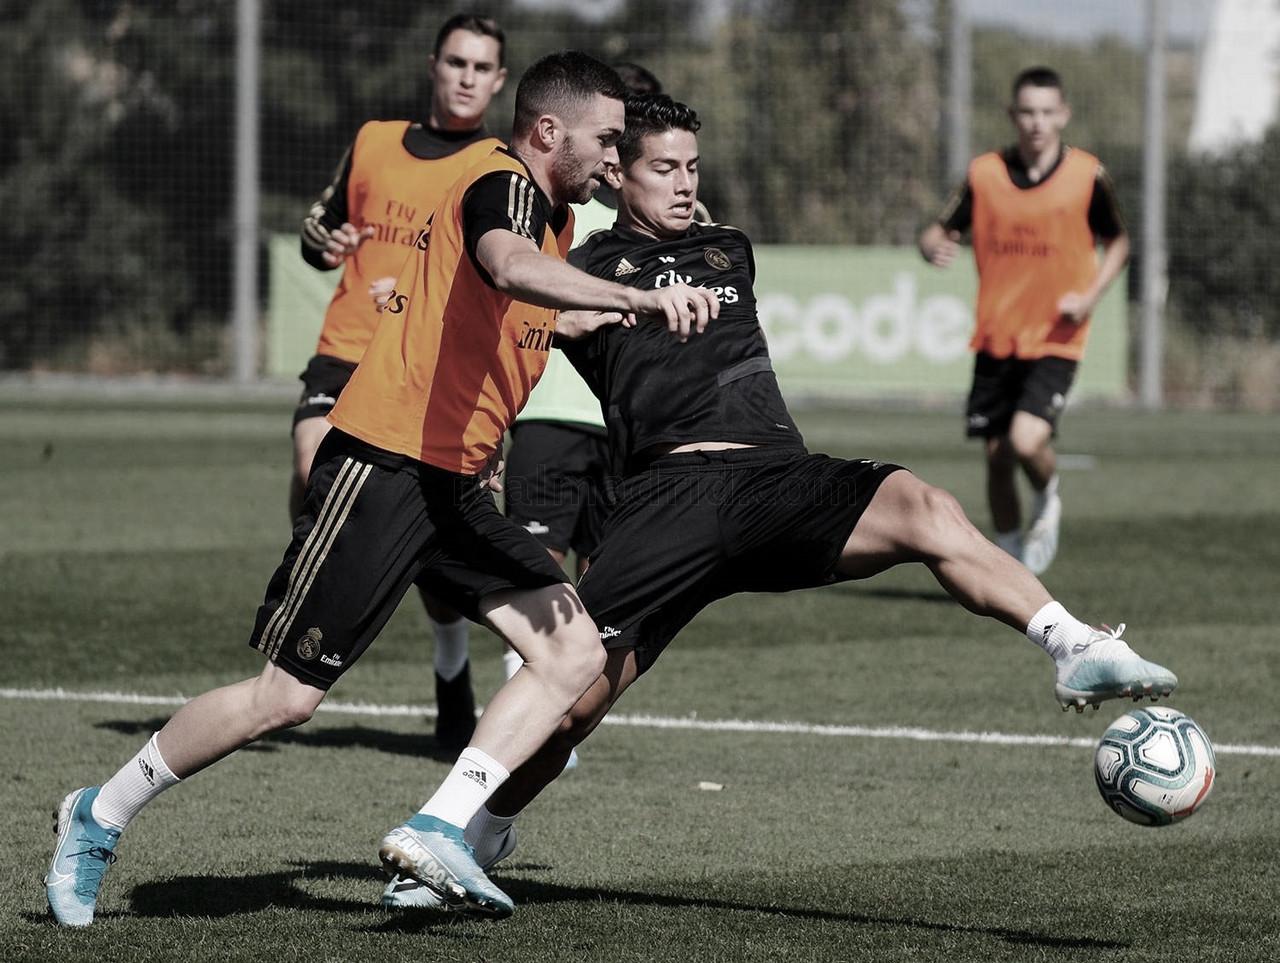 James y Hazard vuelven a entrenar con el equipo